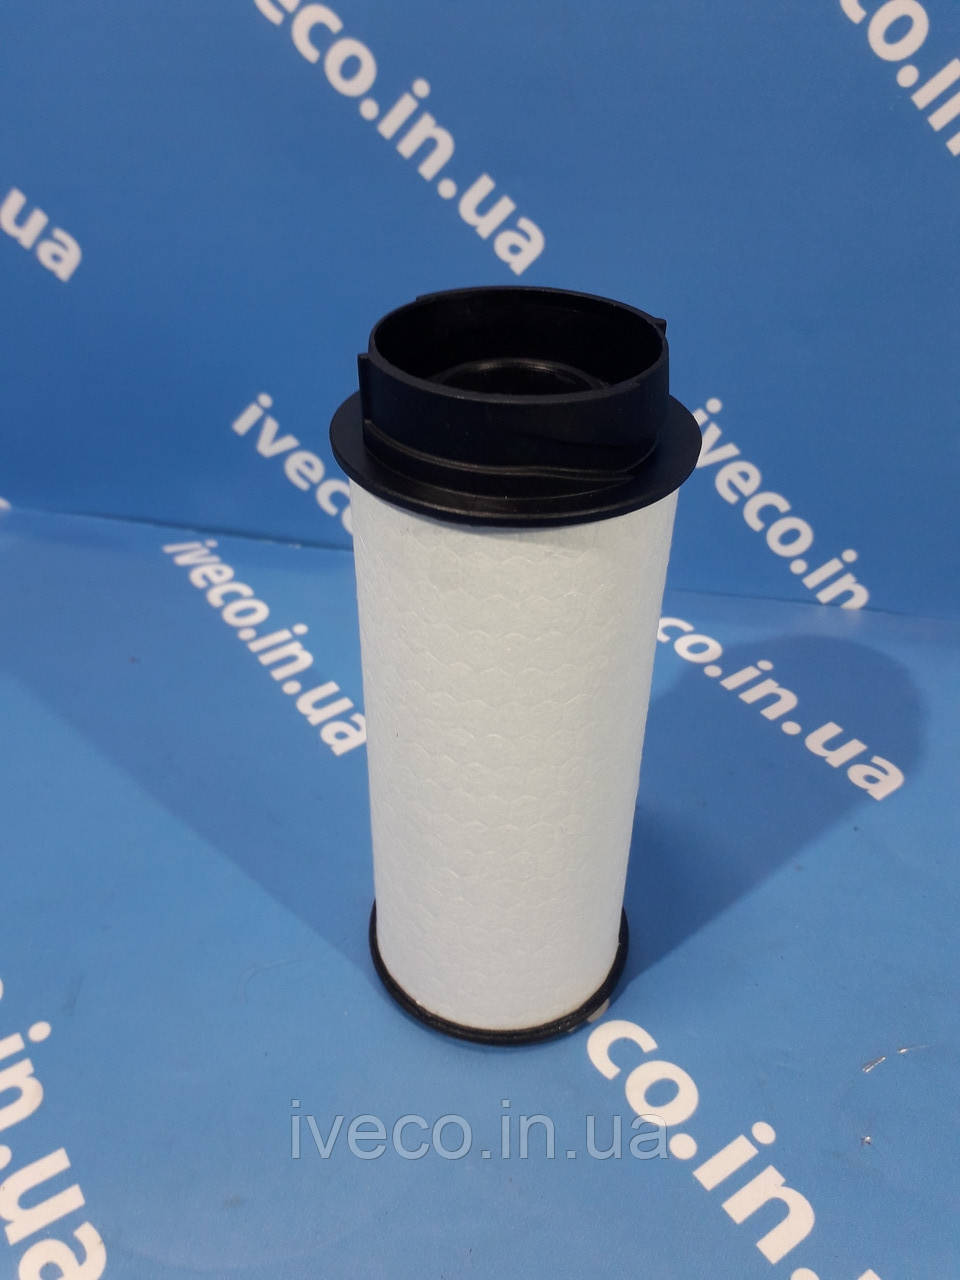 Фильтр топливный IVECO DAILY 500054702 500086009 5801354114